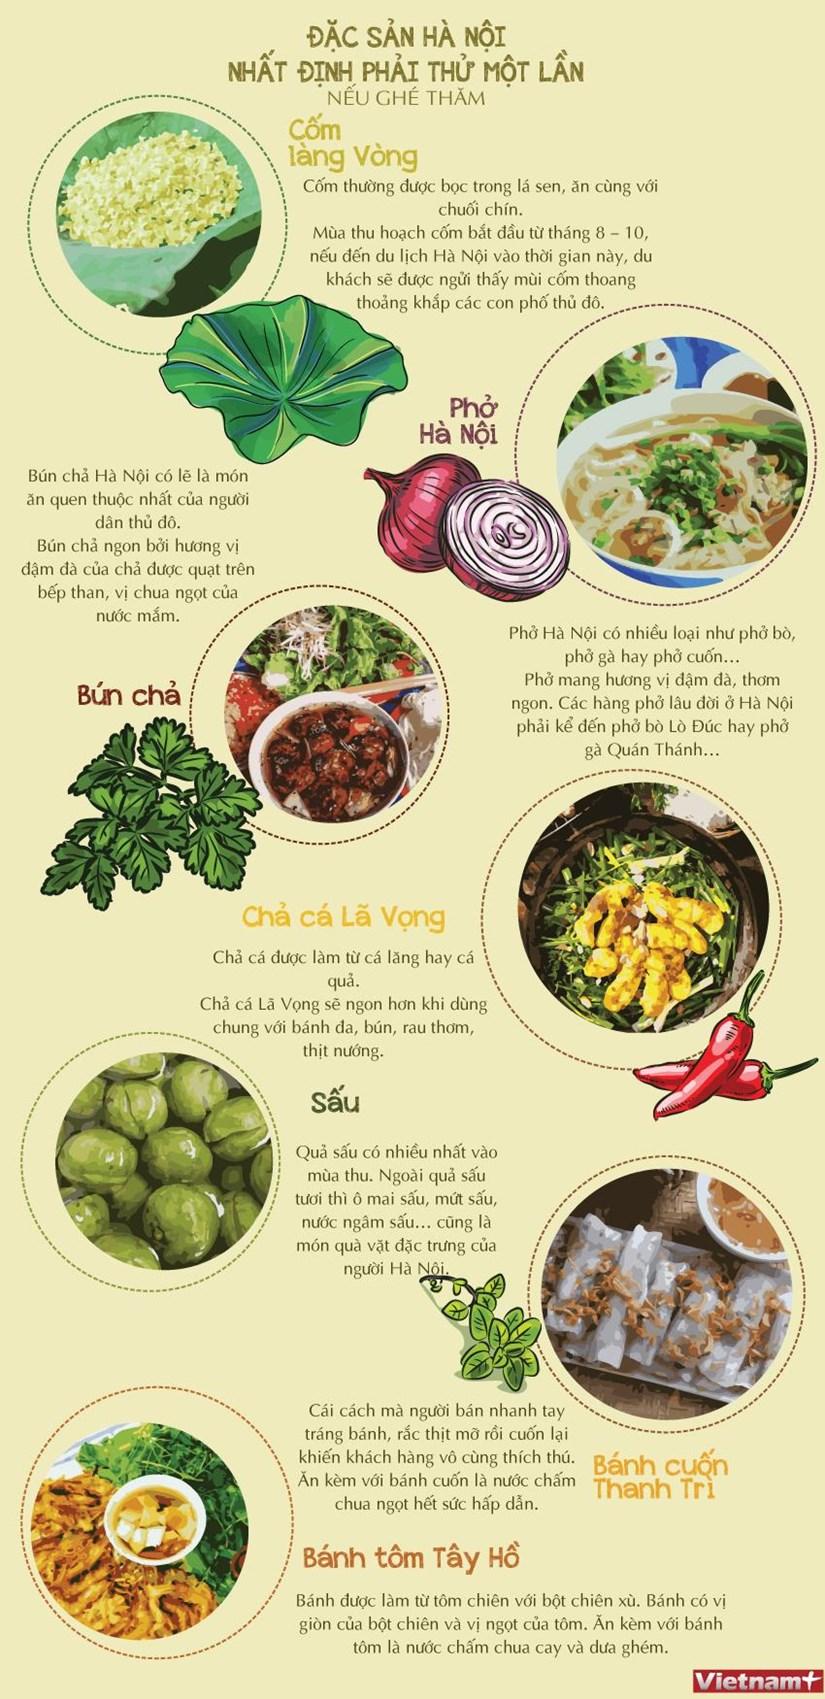 infographics nhung dac san ban nhat dinh phai thu neu ghe tham ha noi